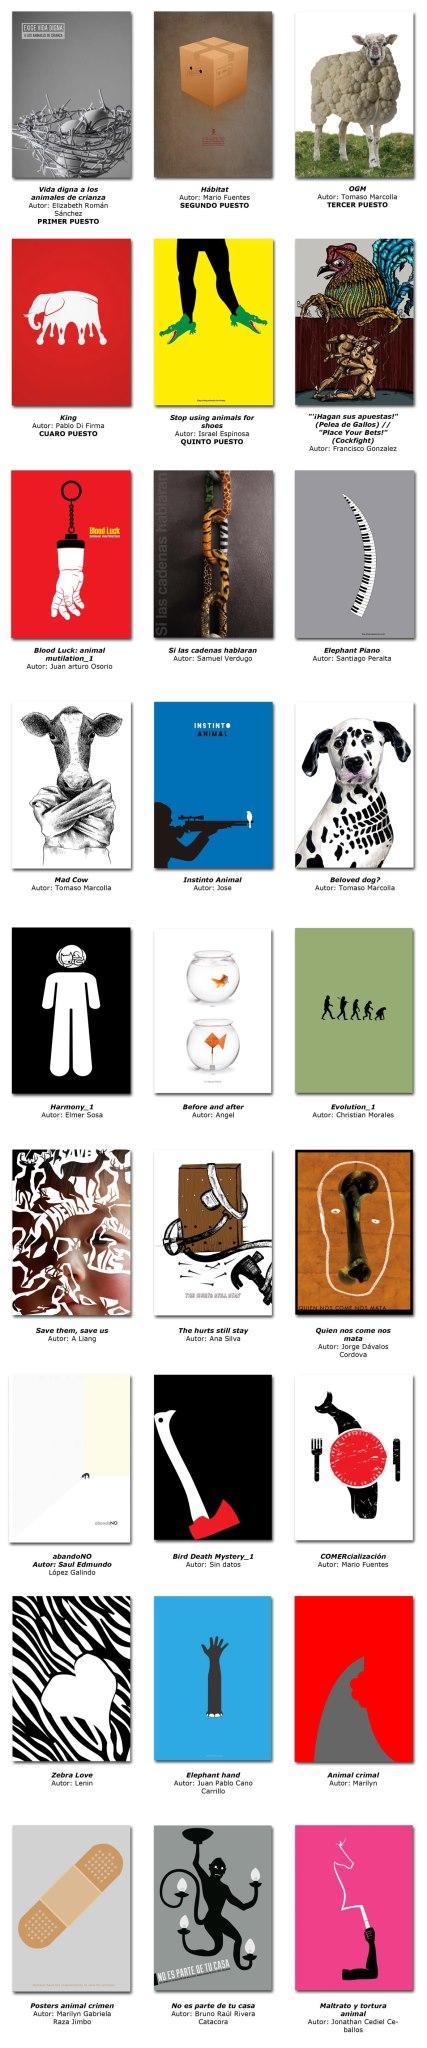 Viksual Finalist posters